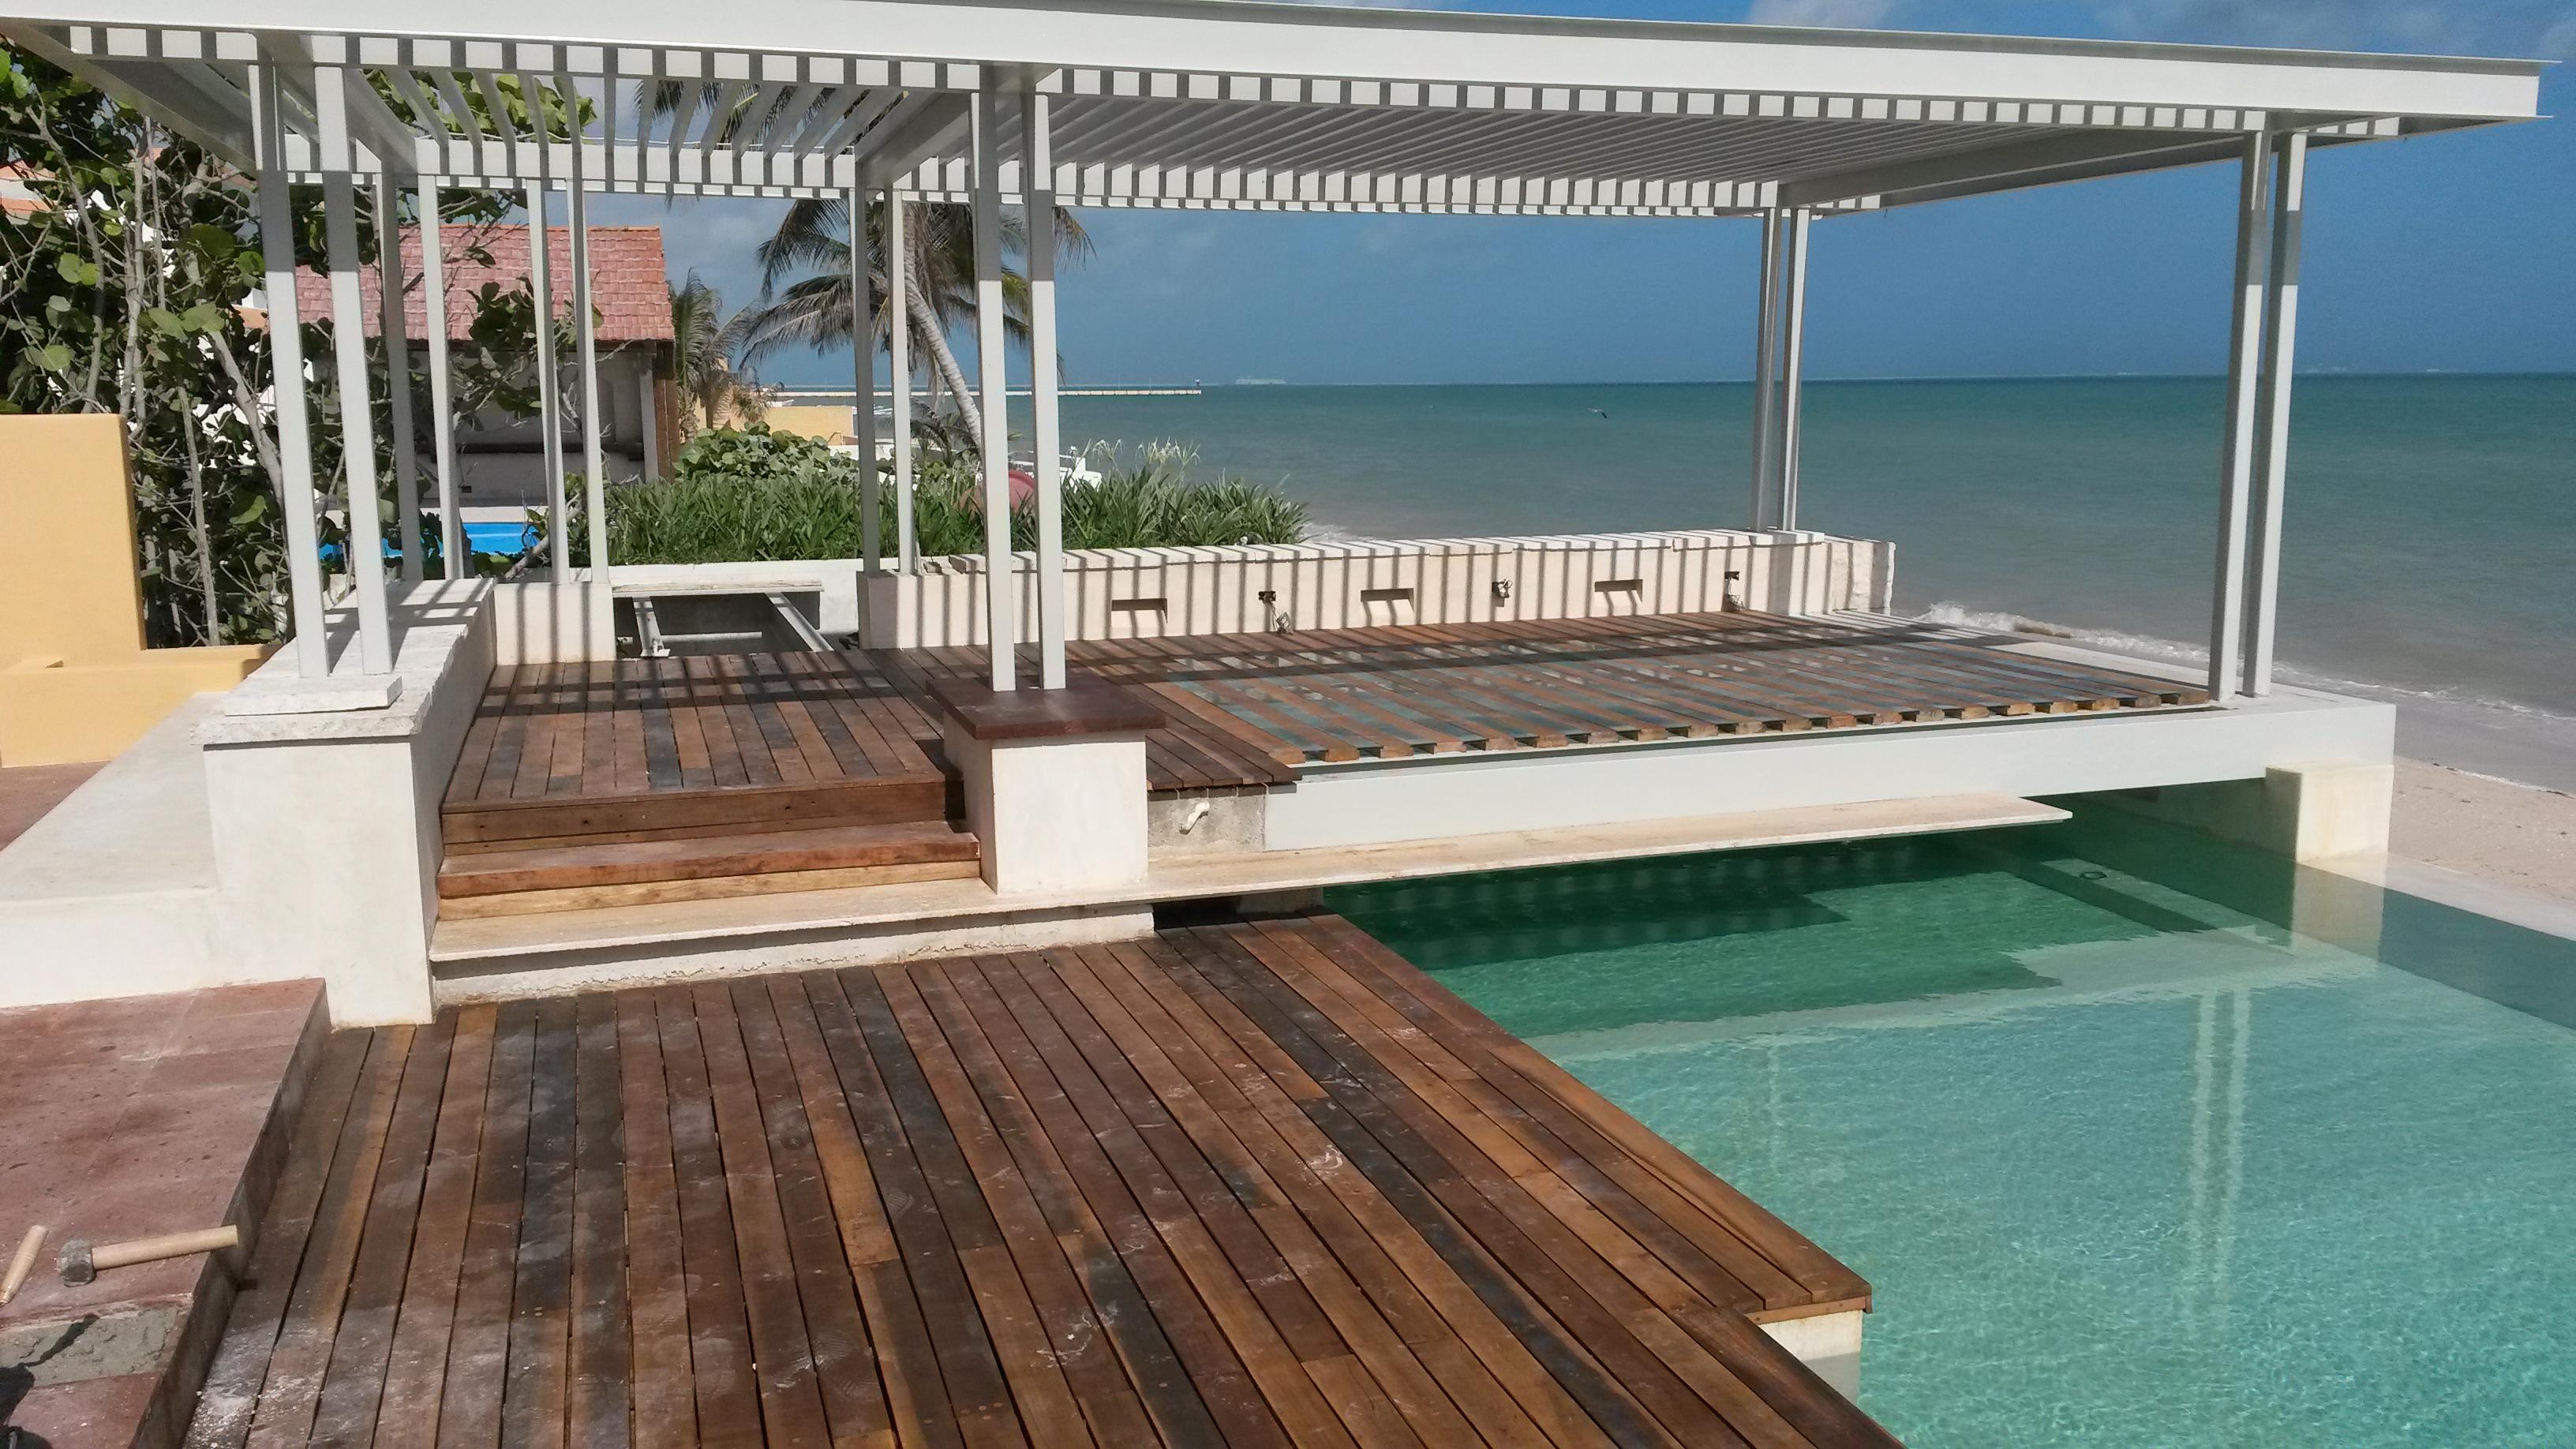 Techos de herreria para terrazas realizamos techos de for Hacemos piscinas